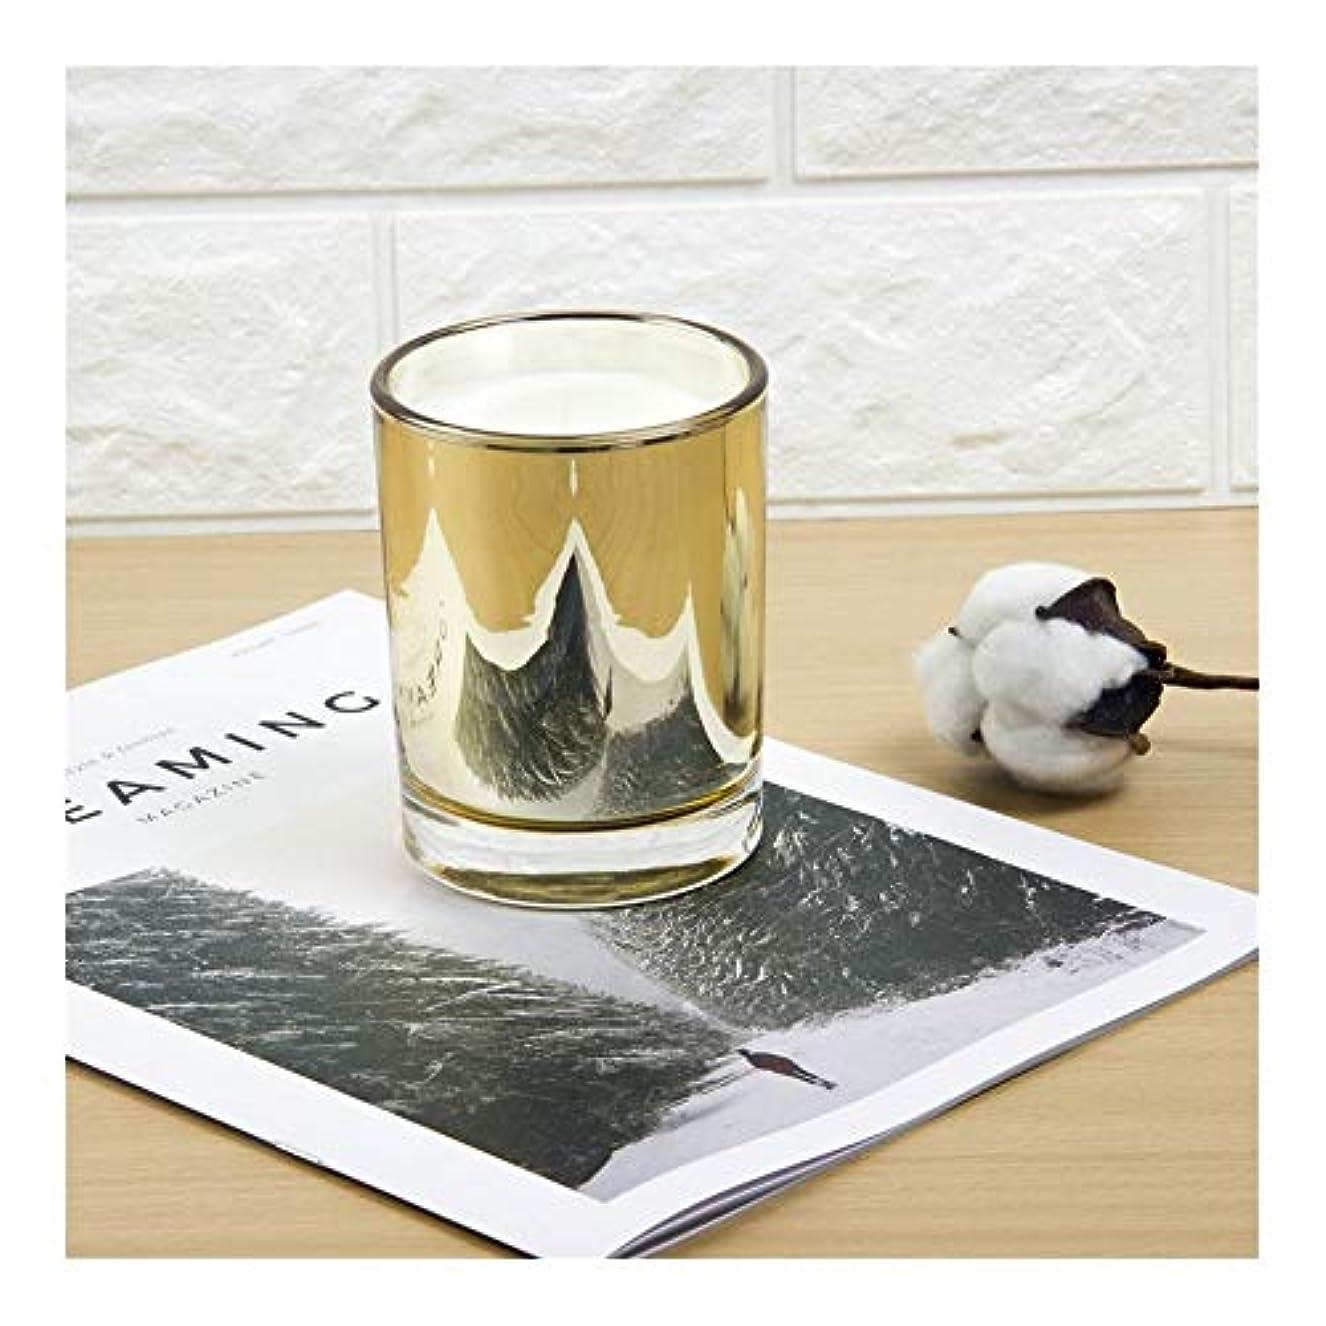 ボイド宇宙飛行士ディーラーGuomao ゴールドカップキャンドル大豆アロマセラピーパーティーキャンドル誕生日プレゼント植物キャンドル